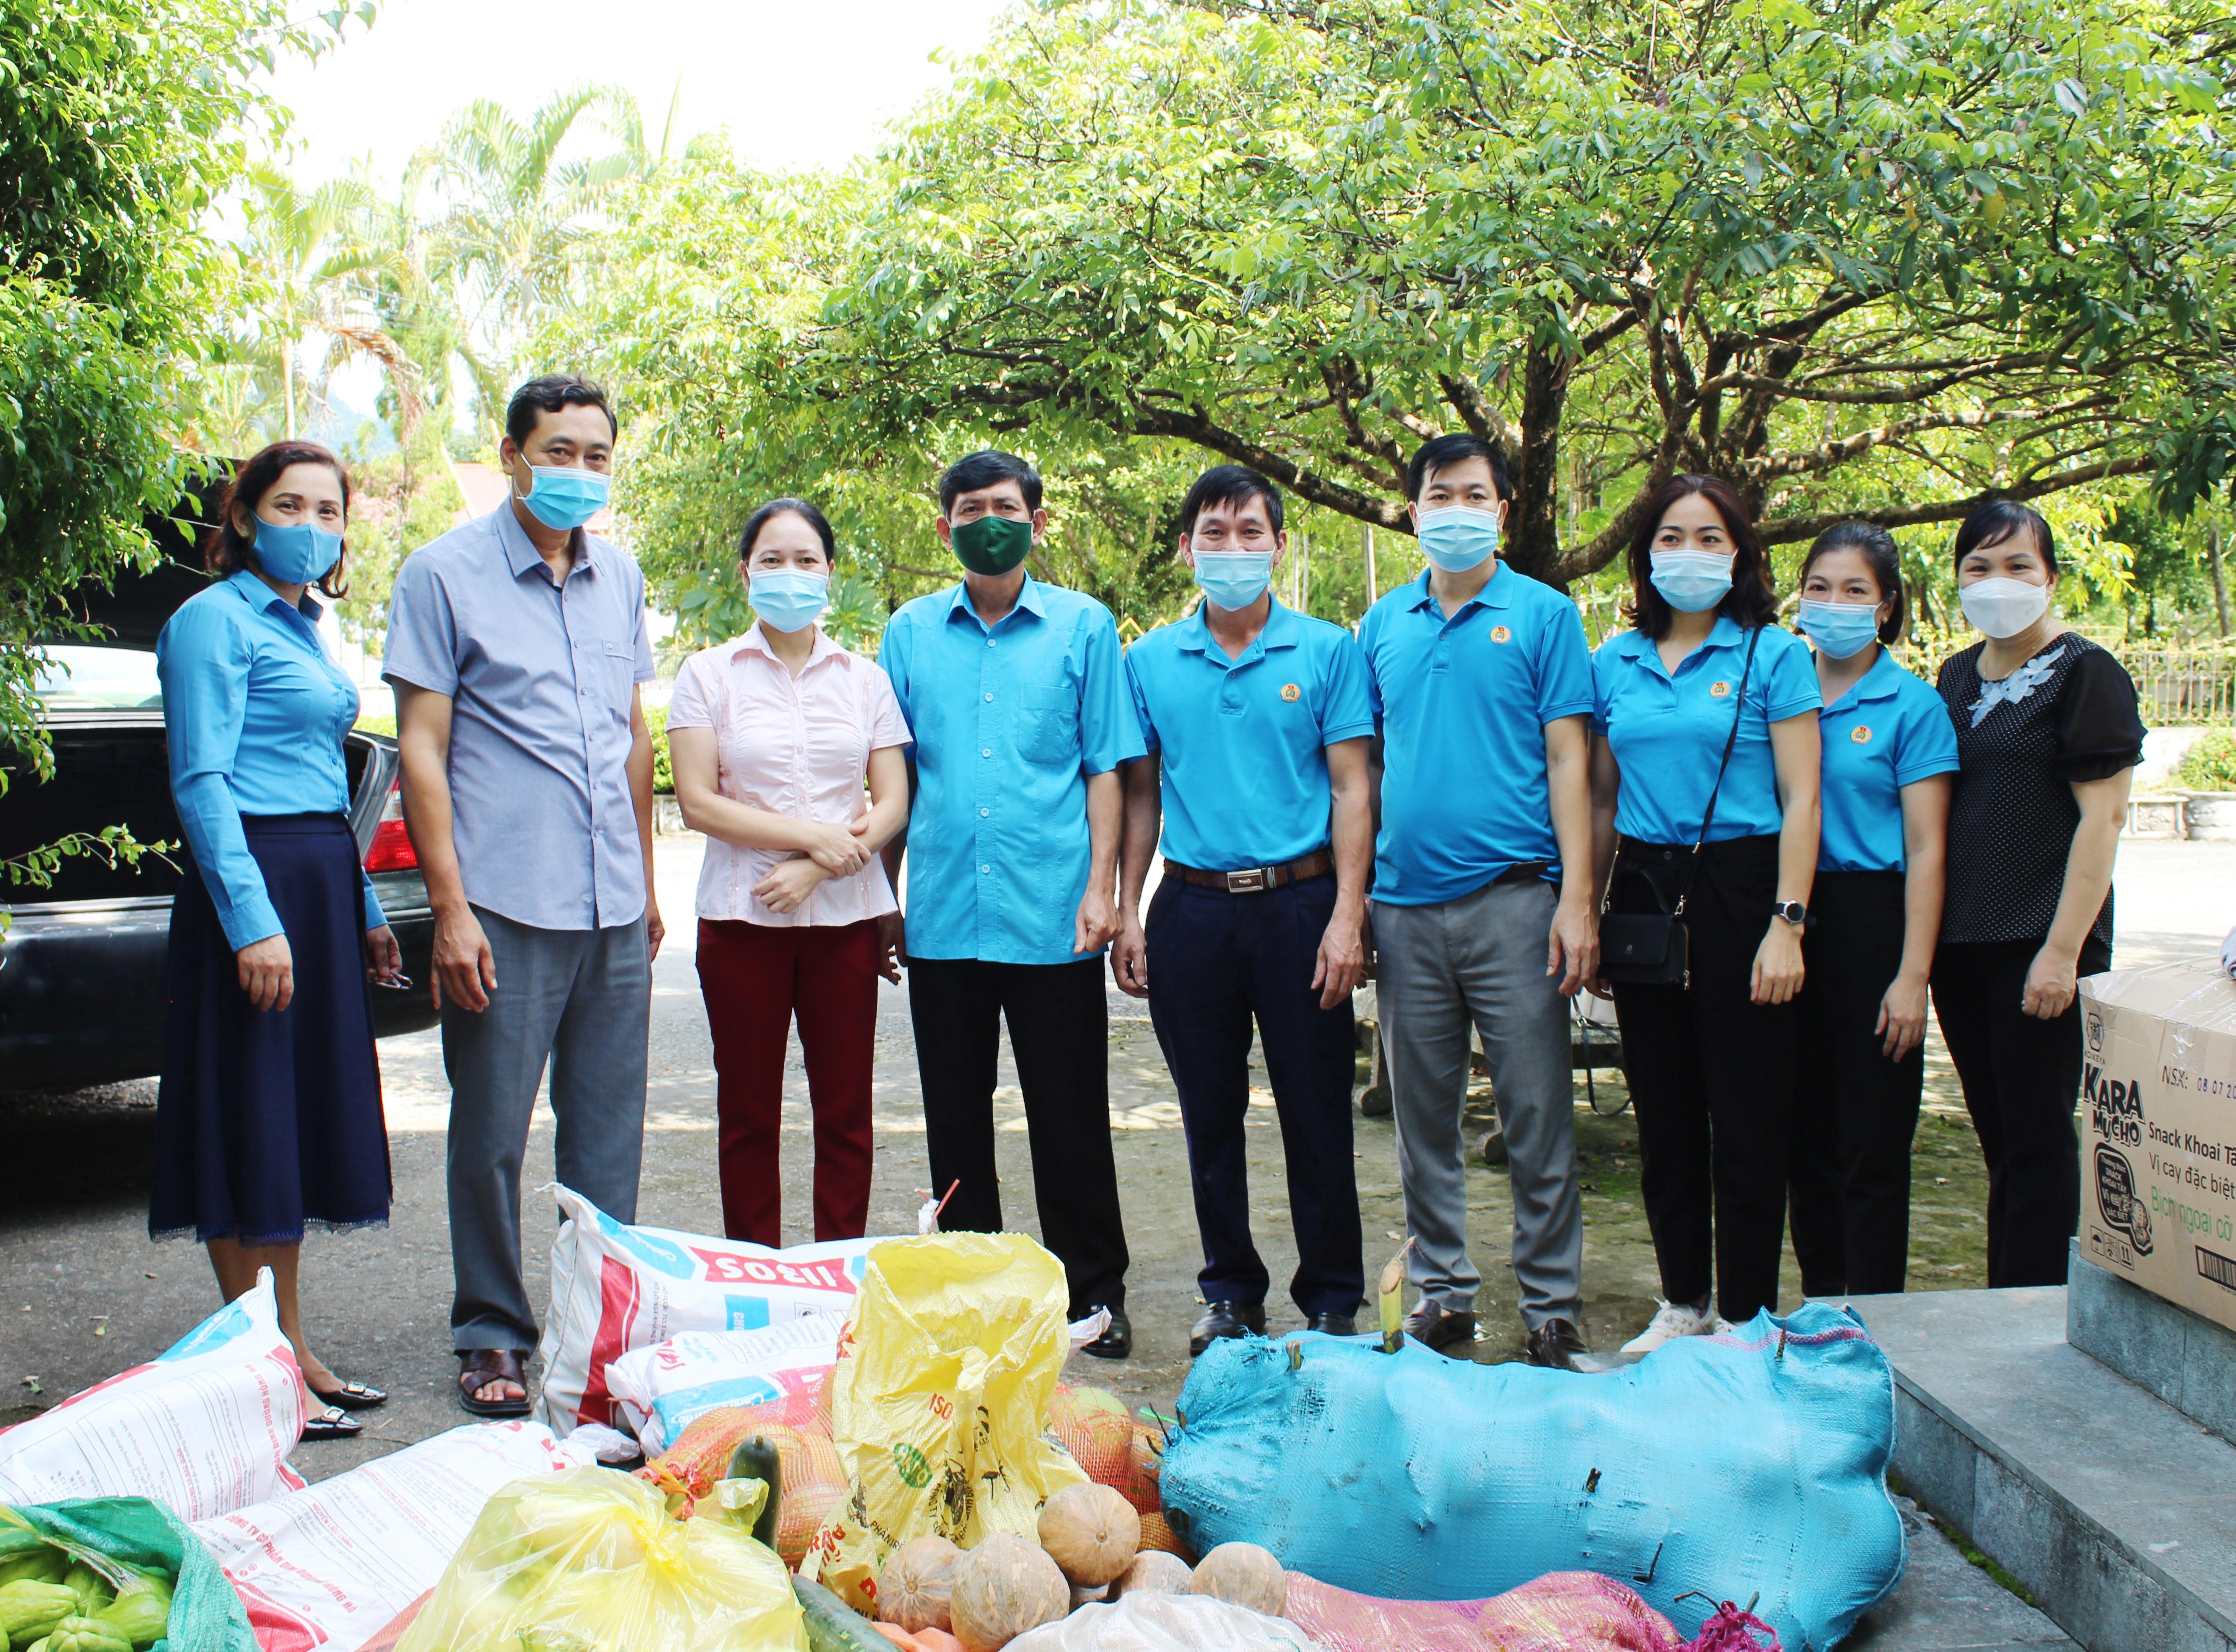 Lãnh đạo Sở Y tế, LĐLĐ tỉnh thăm hỏi động viên và tặng quà cho Đoàn tăng cường hỗ trợ chống dịch tại TP Hồ Chí Minh trở về